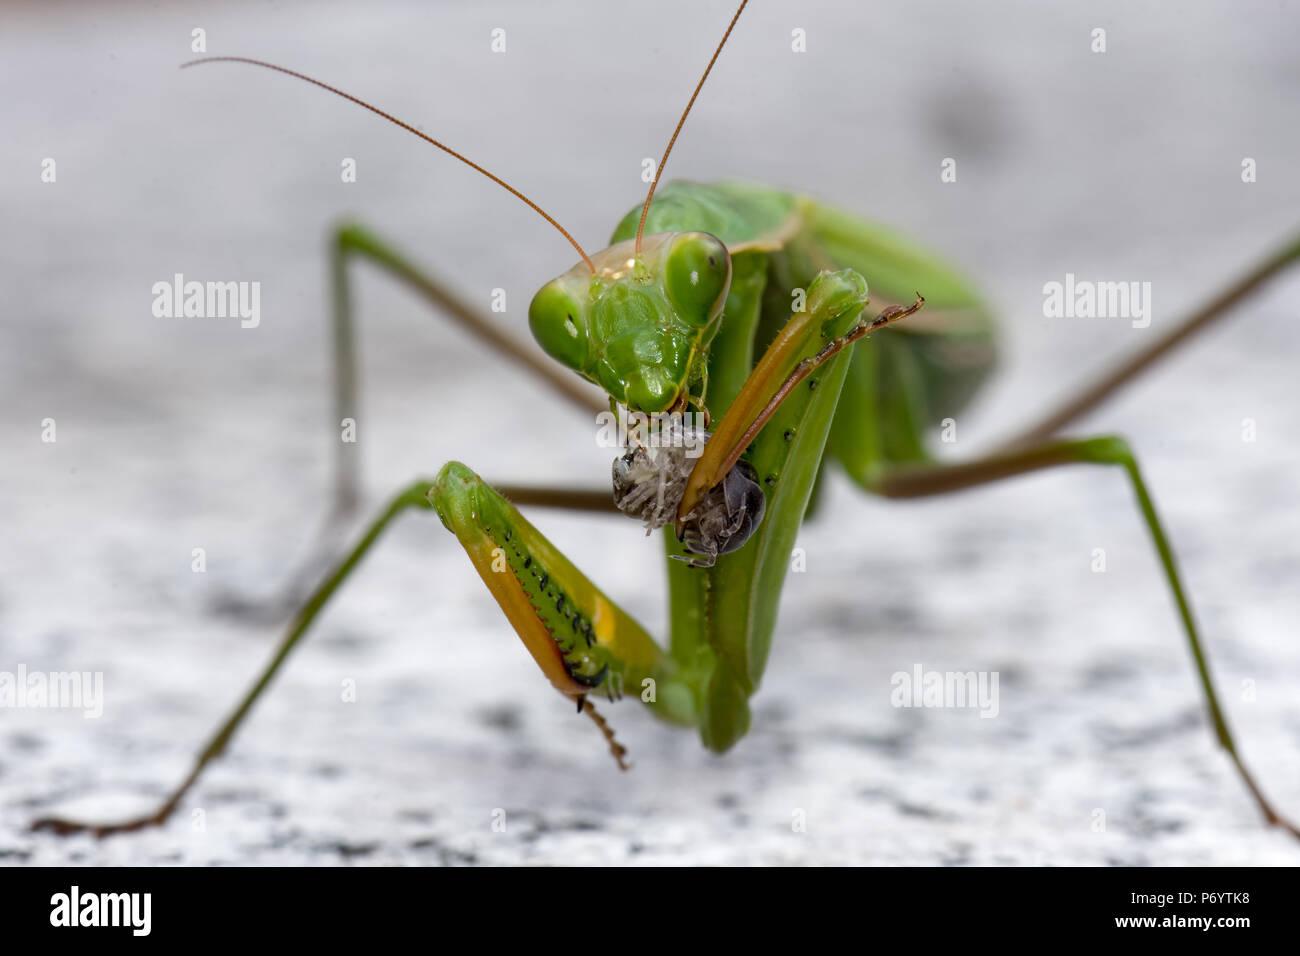 La faune naturelle extérieure couleur close up macro photographie d'une mante religieuse verte simple isolée en mangeant Photo Stock